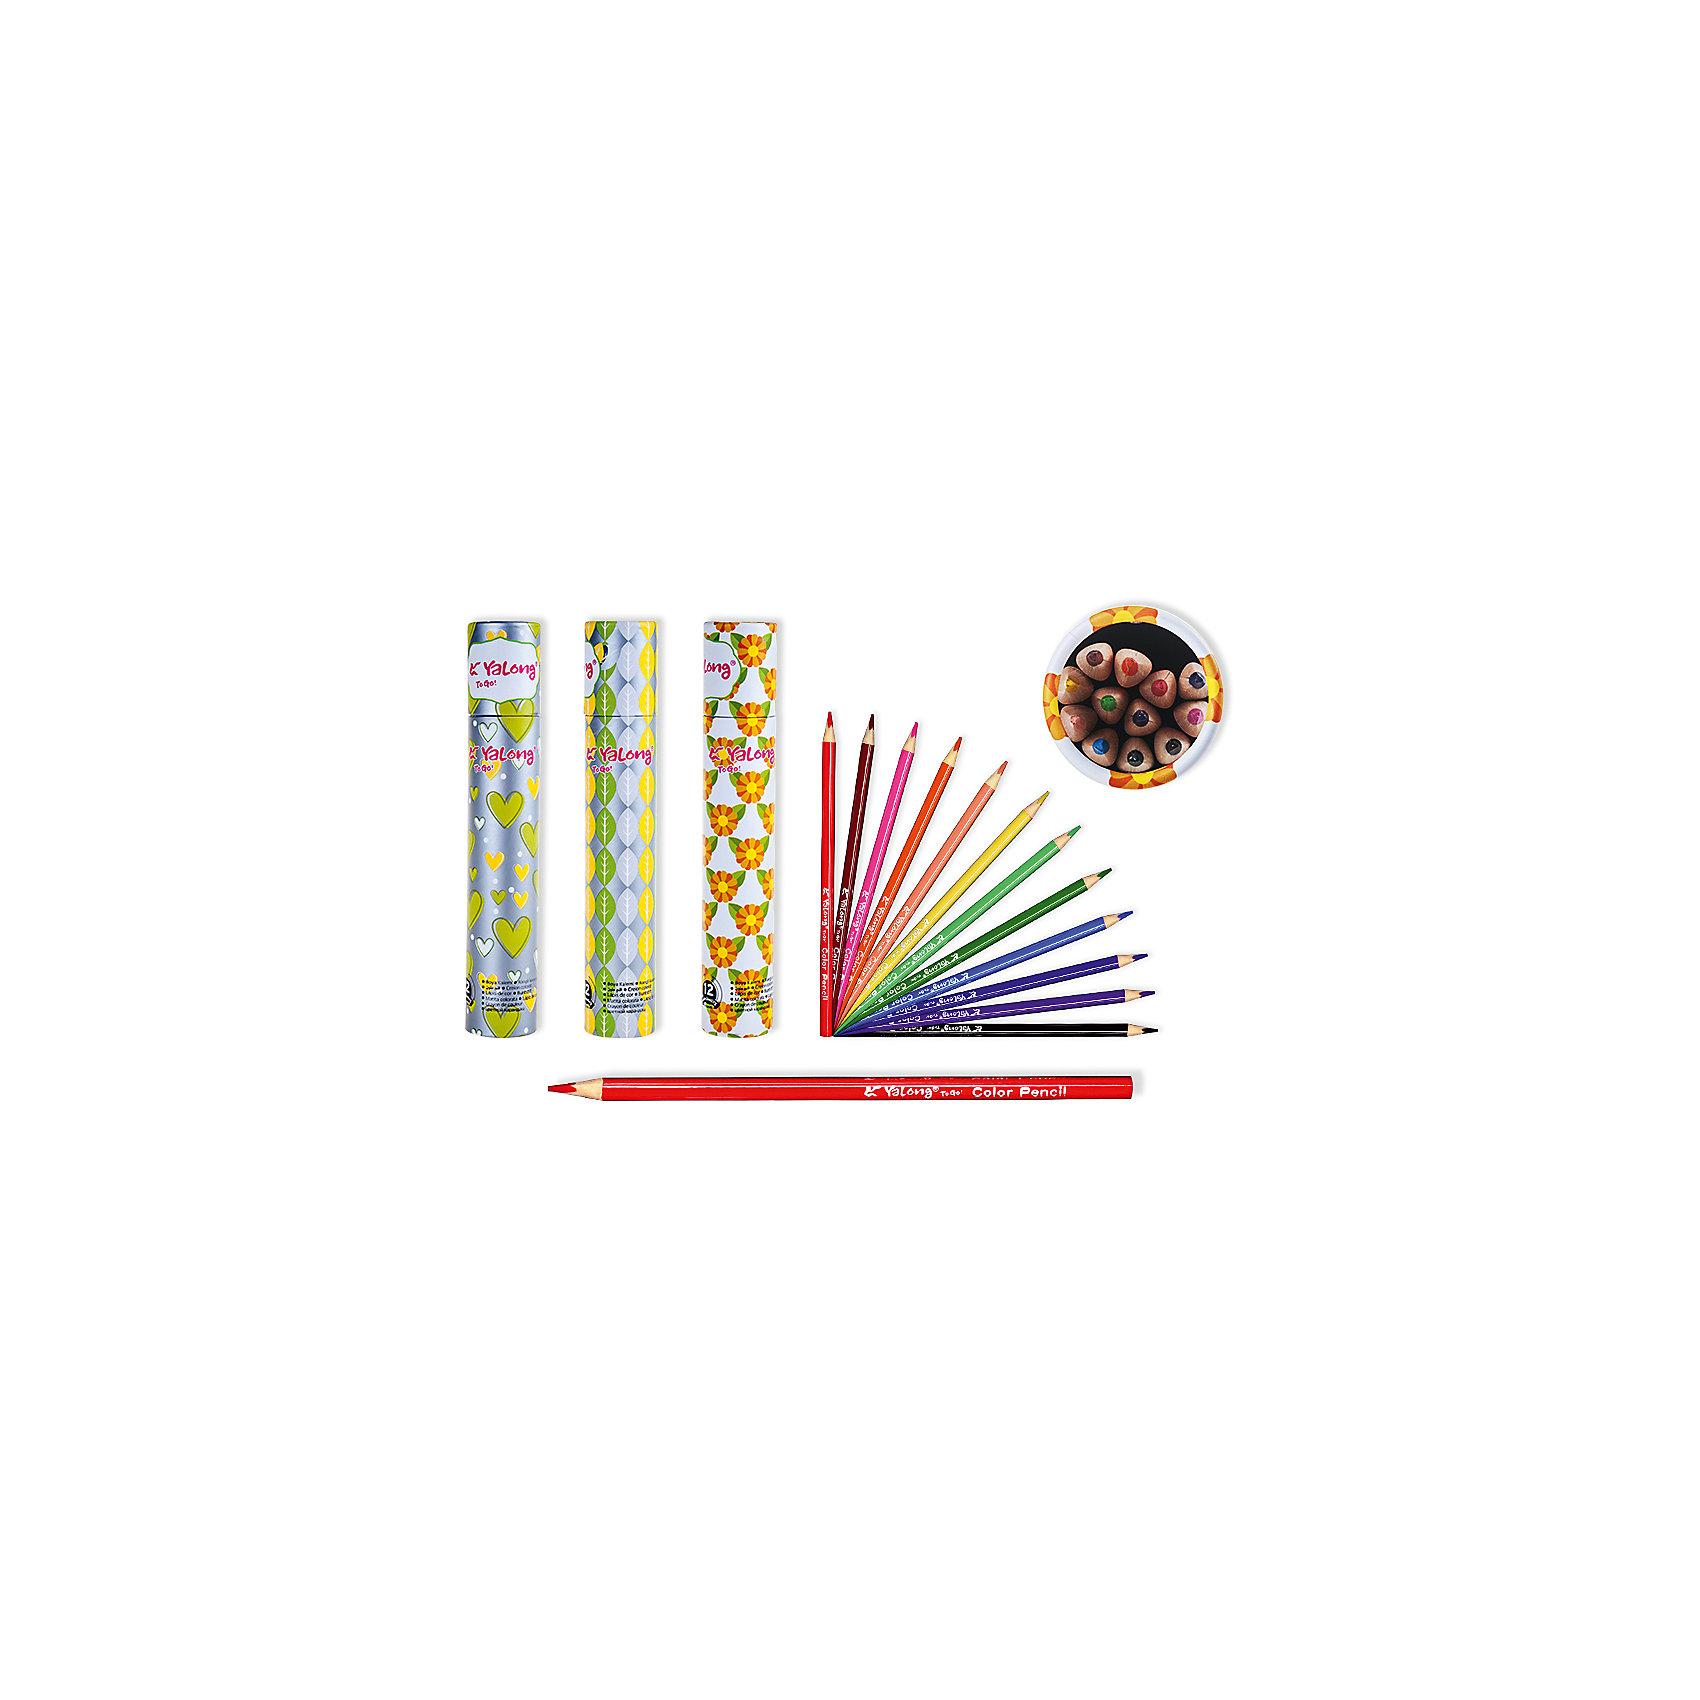 Цветные карандаши в тубе, 12 цветов (дизайн в ассортименте)Последняя цена<br>Набор цветных карандашей – классический пункт в списке школьных покупок. Качественные карандаши прослужат ребенку не один год даже при активном использовании. Важно подобрать набор с яркими цветами, мягким, но прочным стержнем и грифелем с легкой растушевкой. Данная модель набора цветных карандашей – отличный выбор для обновки школьного пенала. Карандаши имеют трехгранный корпус, что выглядит довольно необычно. Все материалы, использованные при изготовлении, отвечают международным требованиям по качеству и безопасности.<br><br>Дополнительная информация: <br><br>количество цветов: 12 шт;<br>упаковка: картонная туба, картонный дисплей.<br><br>Набор цветных карандашей можно приобрести в нашем магазине.<br><br>Ширина мм: 100<br>Глубина мм: 100<br>Высота мм: 10<br>Вес г: 50<br>Возраст от месяцев: 36<br>Возраст до месяцев: 120<br>Пол: Унисекс<br>Возраст: Детский<br>SKU: 4993553